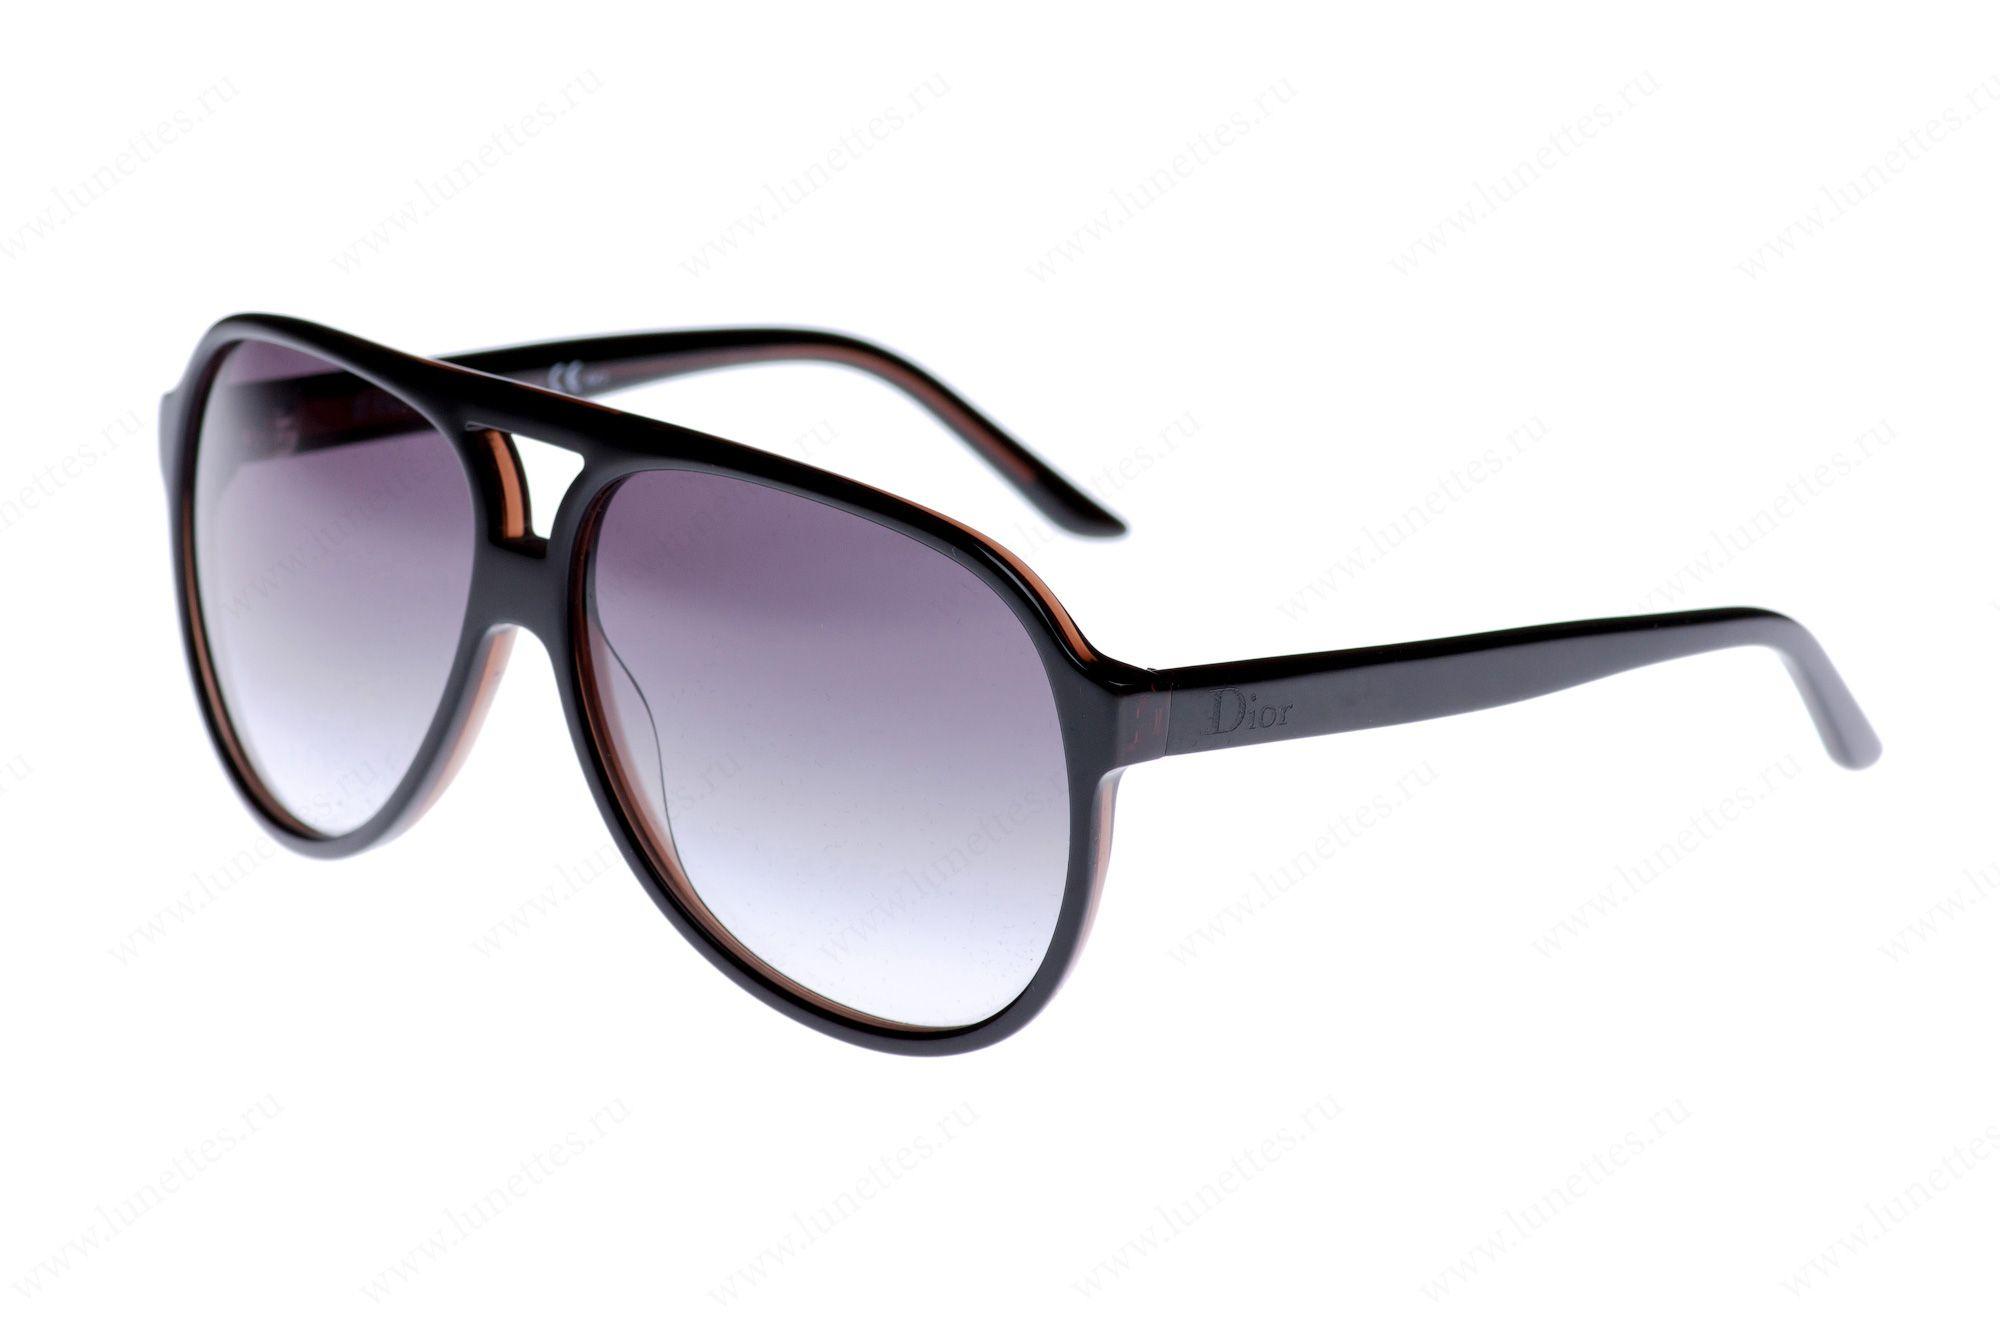 7a311461b45b Купить солнцезащитные очки Christian Dior BABYBLACKTIE 7J1 в интернет- магазине